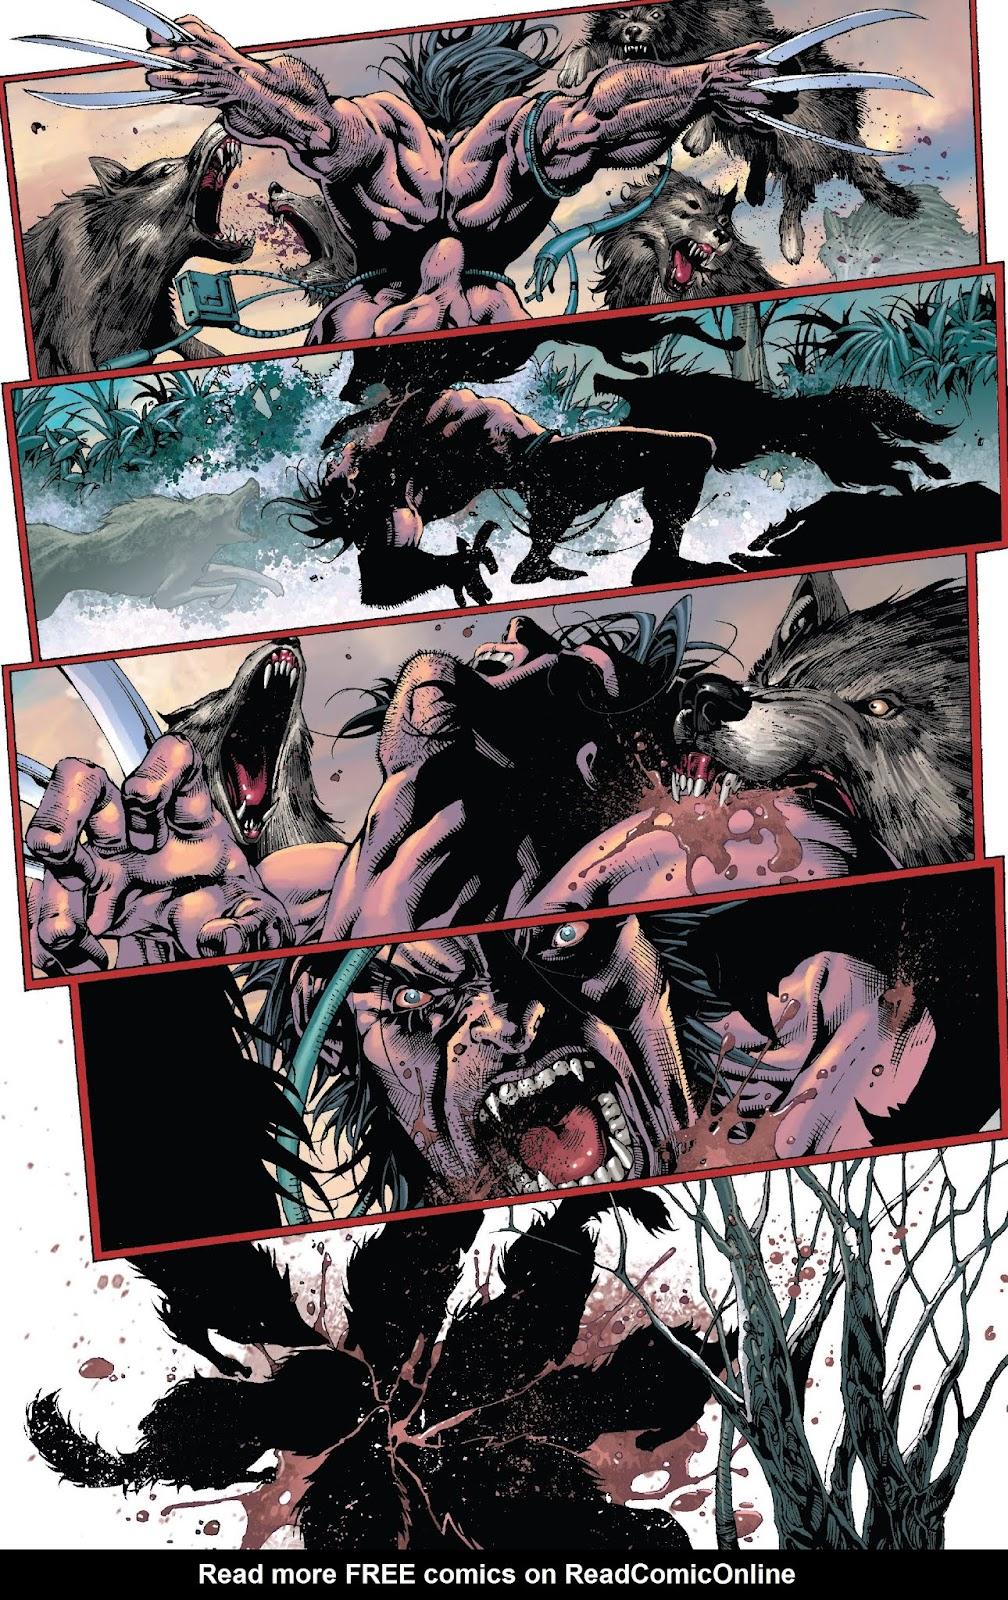 acdb5b6501b Comic Wolverine: Prehistory issue 4